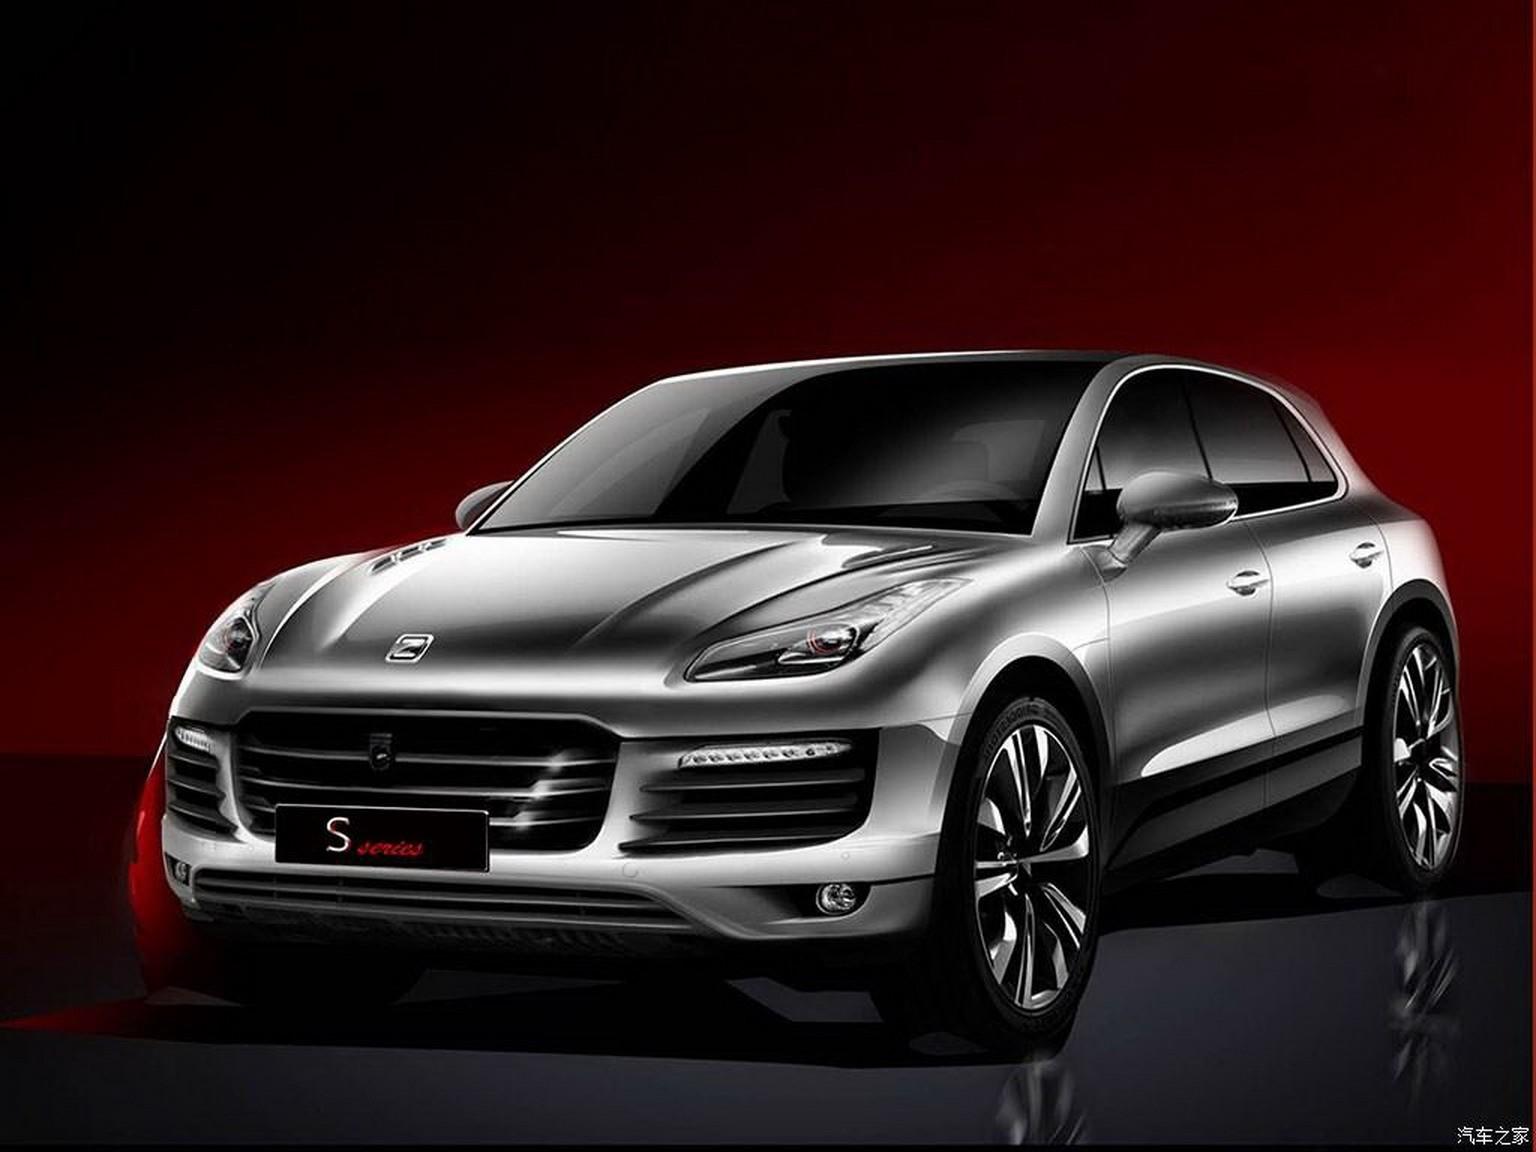 В Россию китайская компания Zotye начнет поставки аналога Porsche Macan